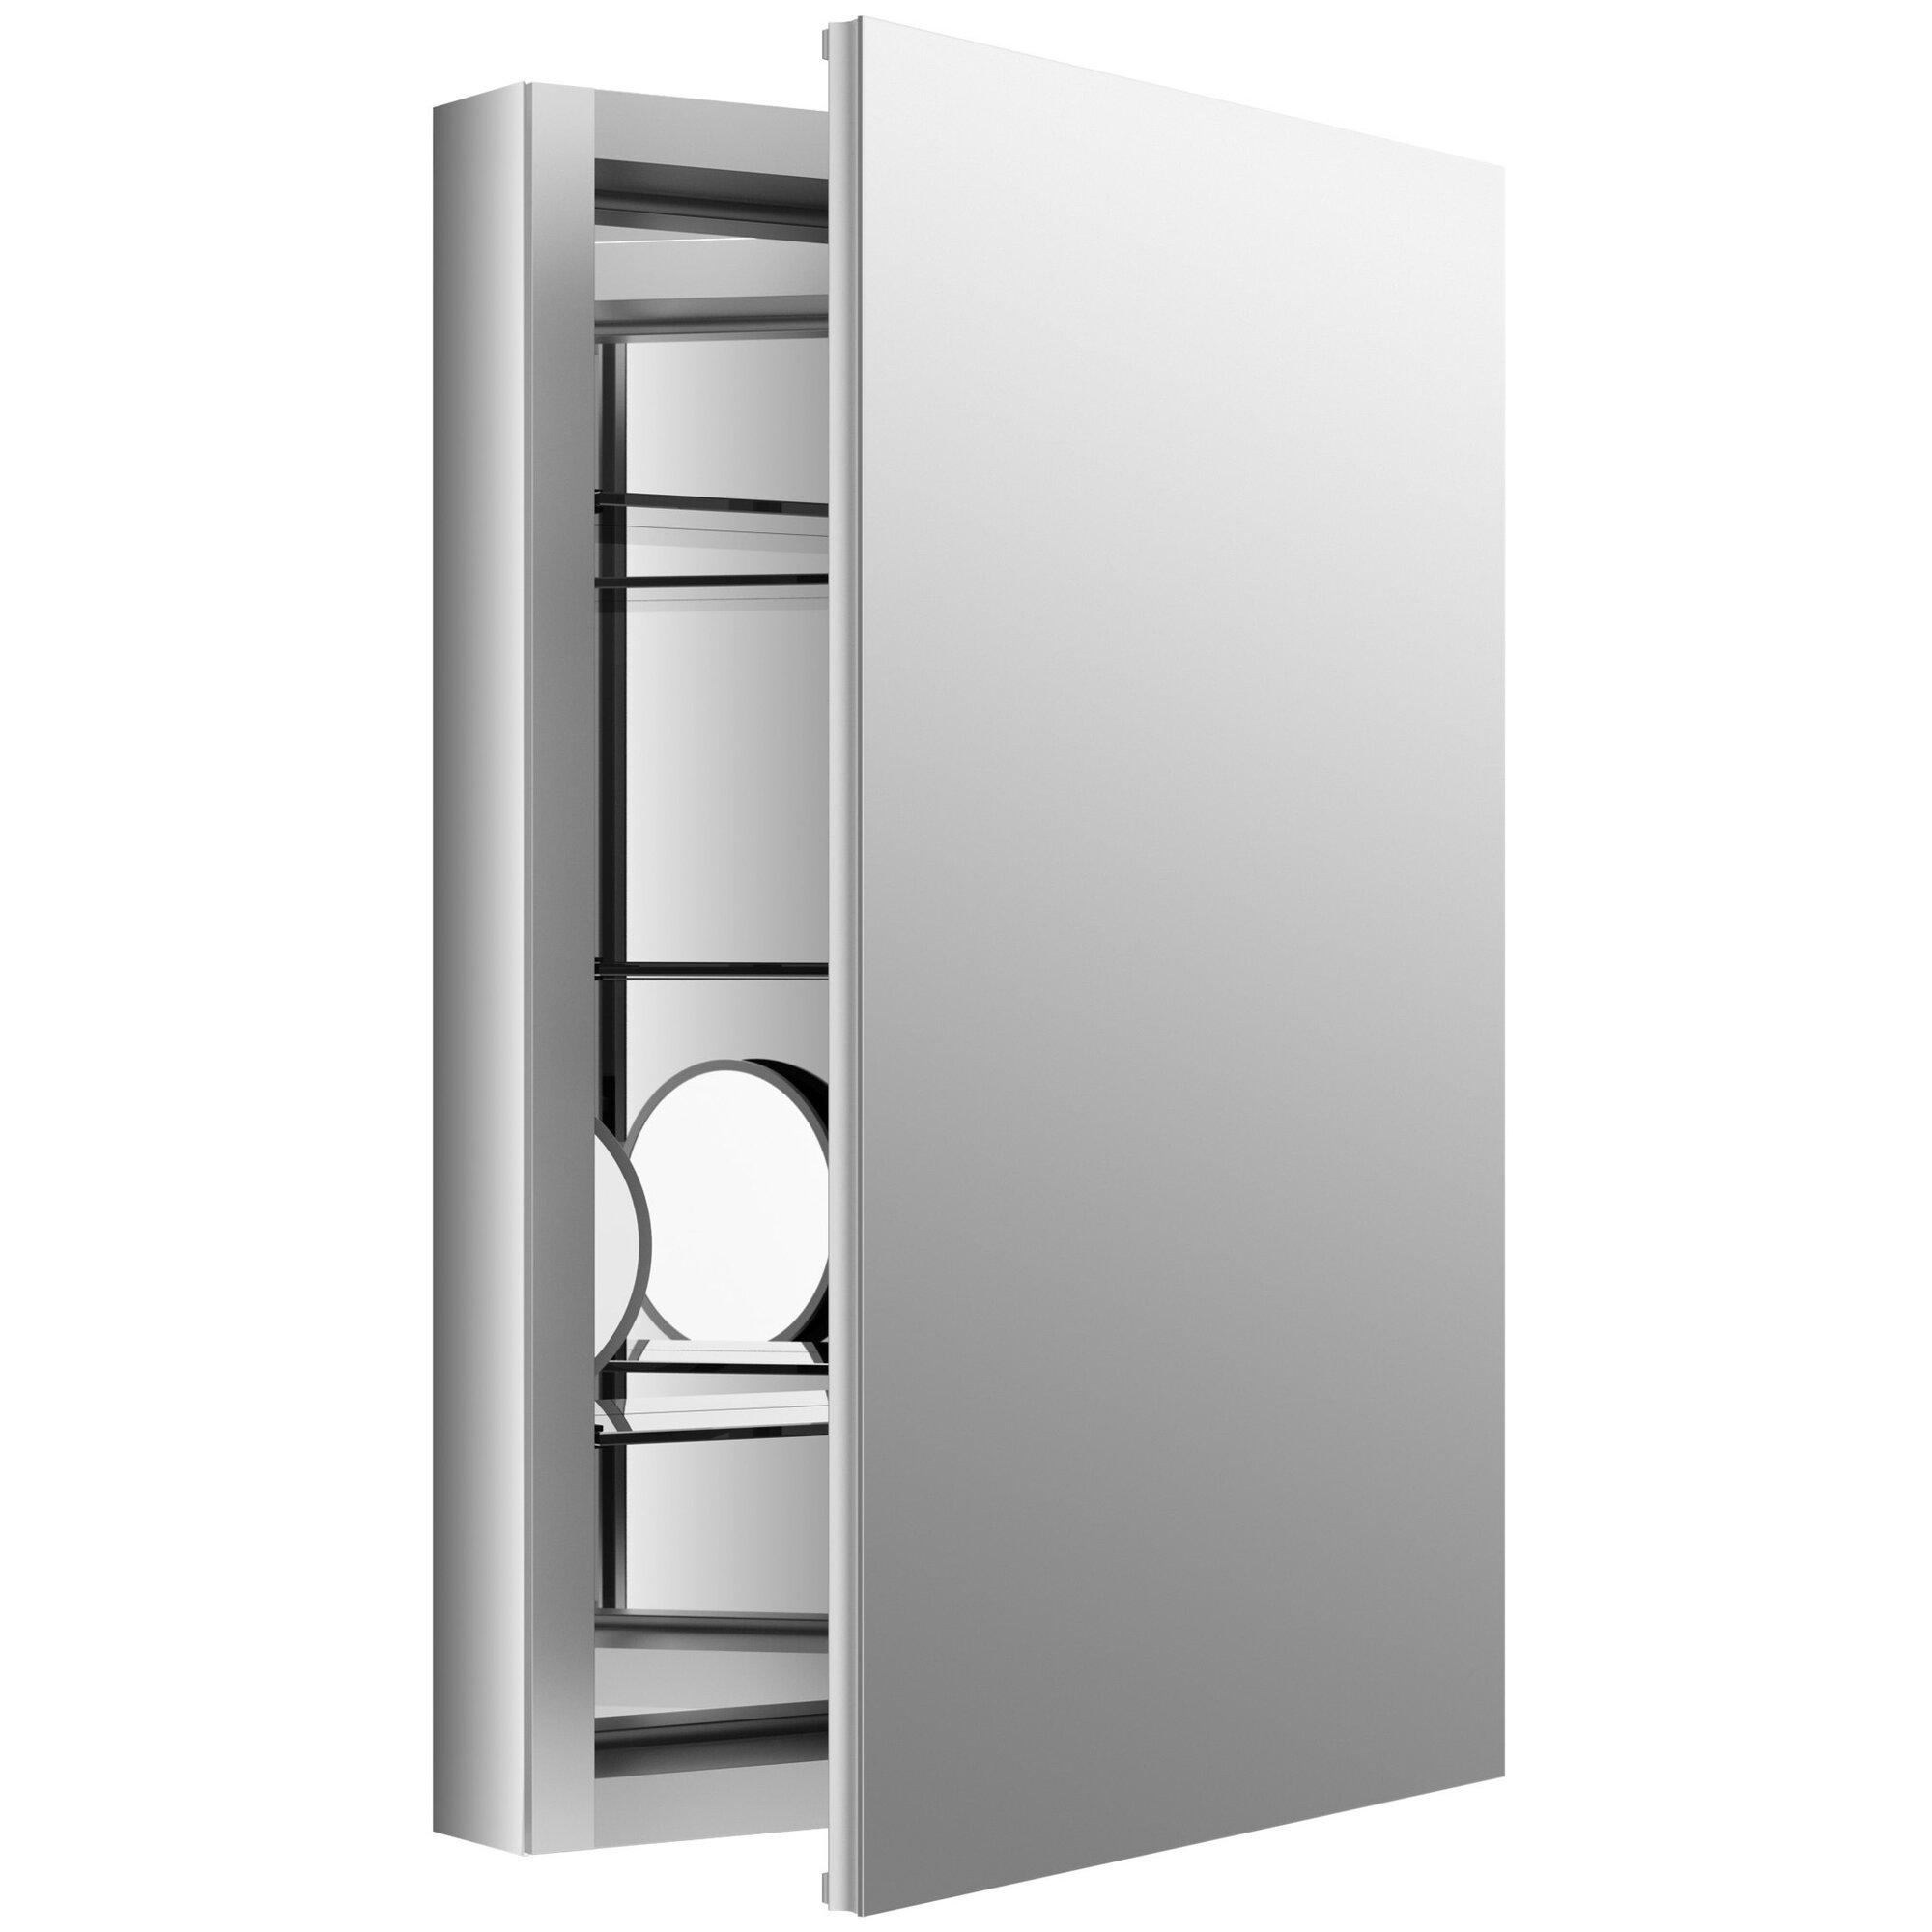 kohler verdera 20 w x 30 h aluminum medicine cabinet. Black Bedroom Furniture Sets. Home Design Ideas